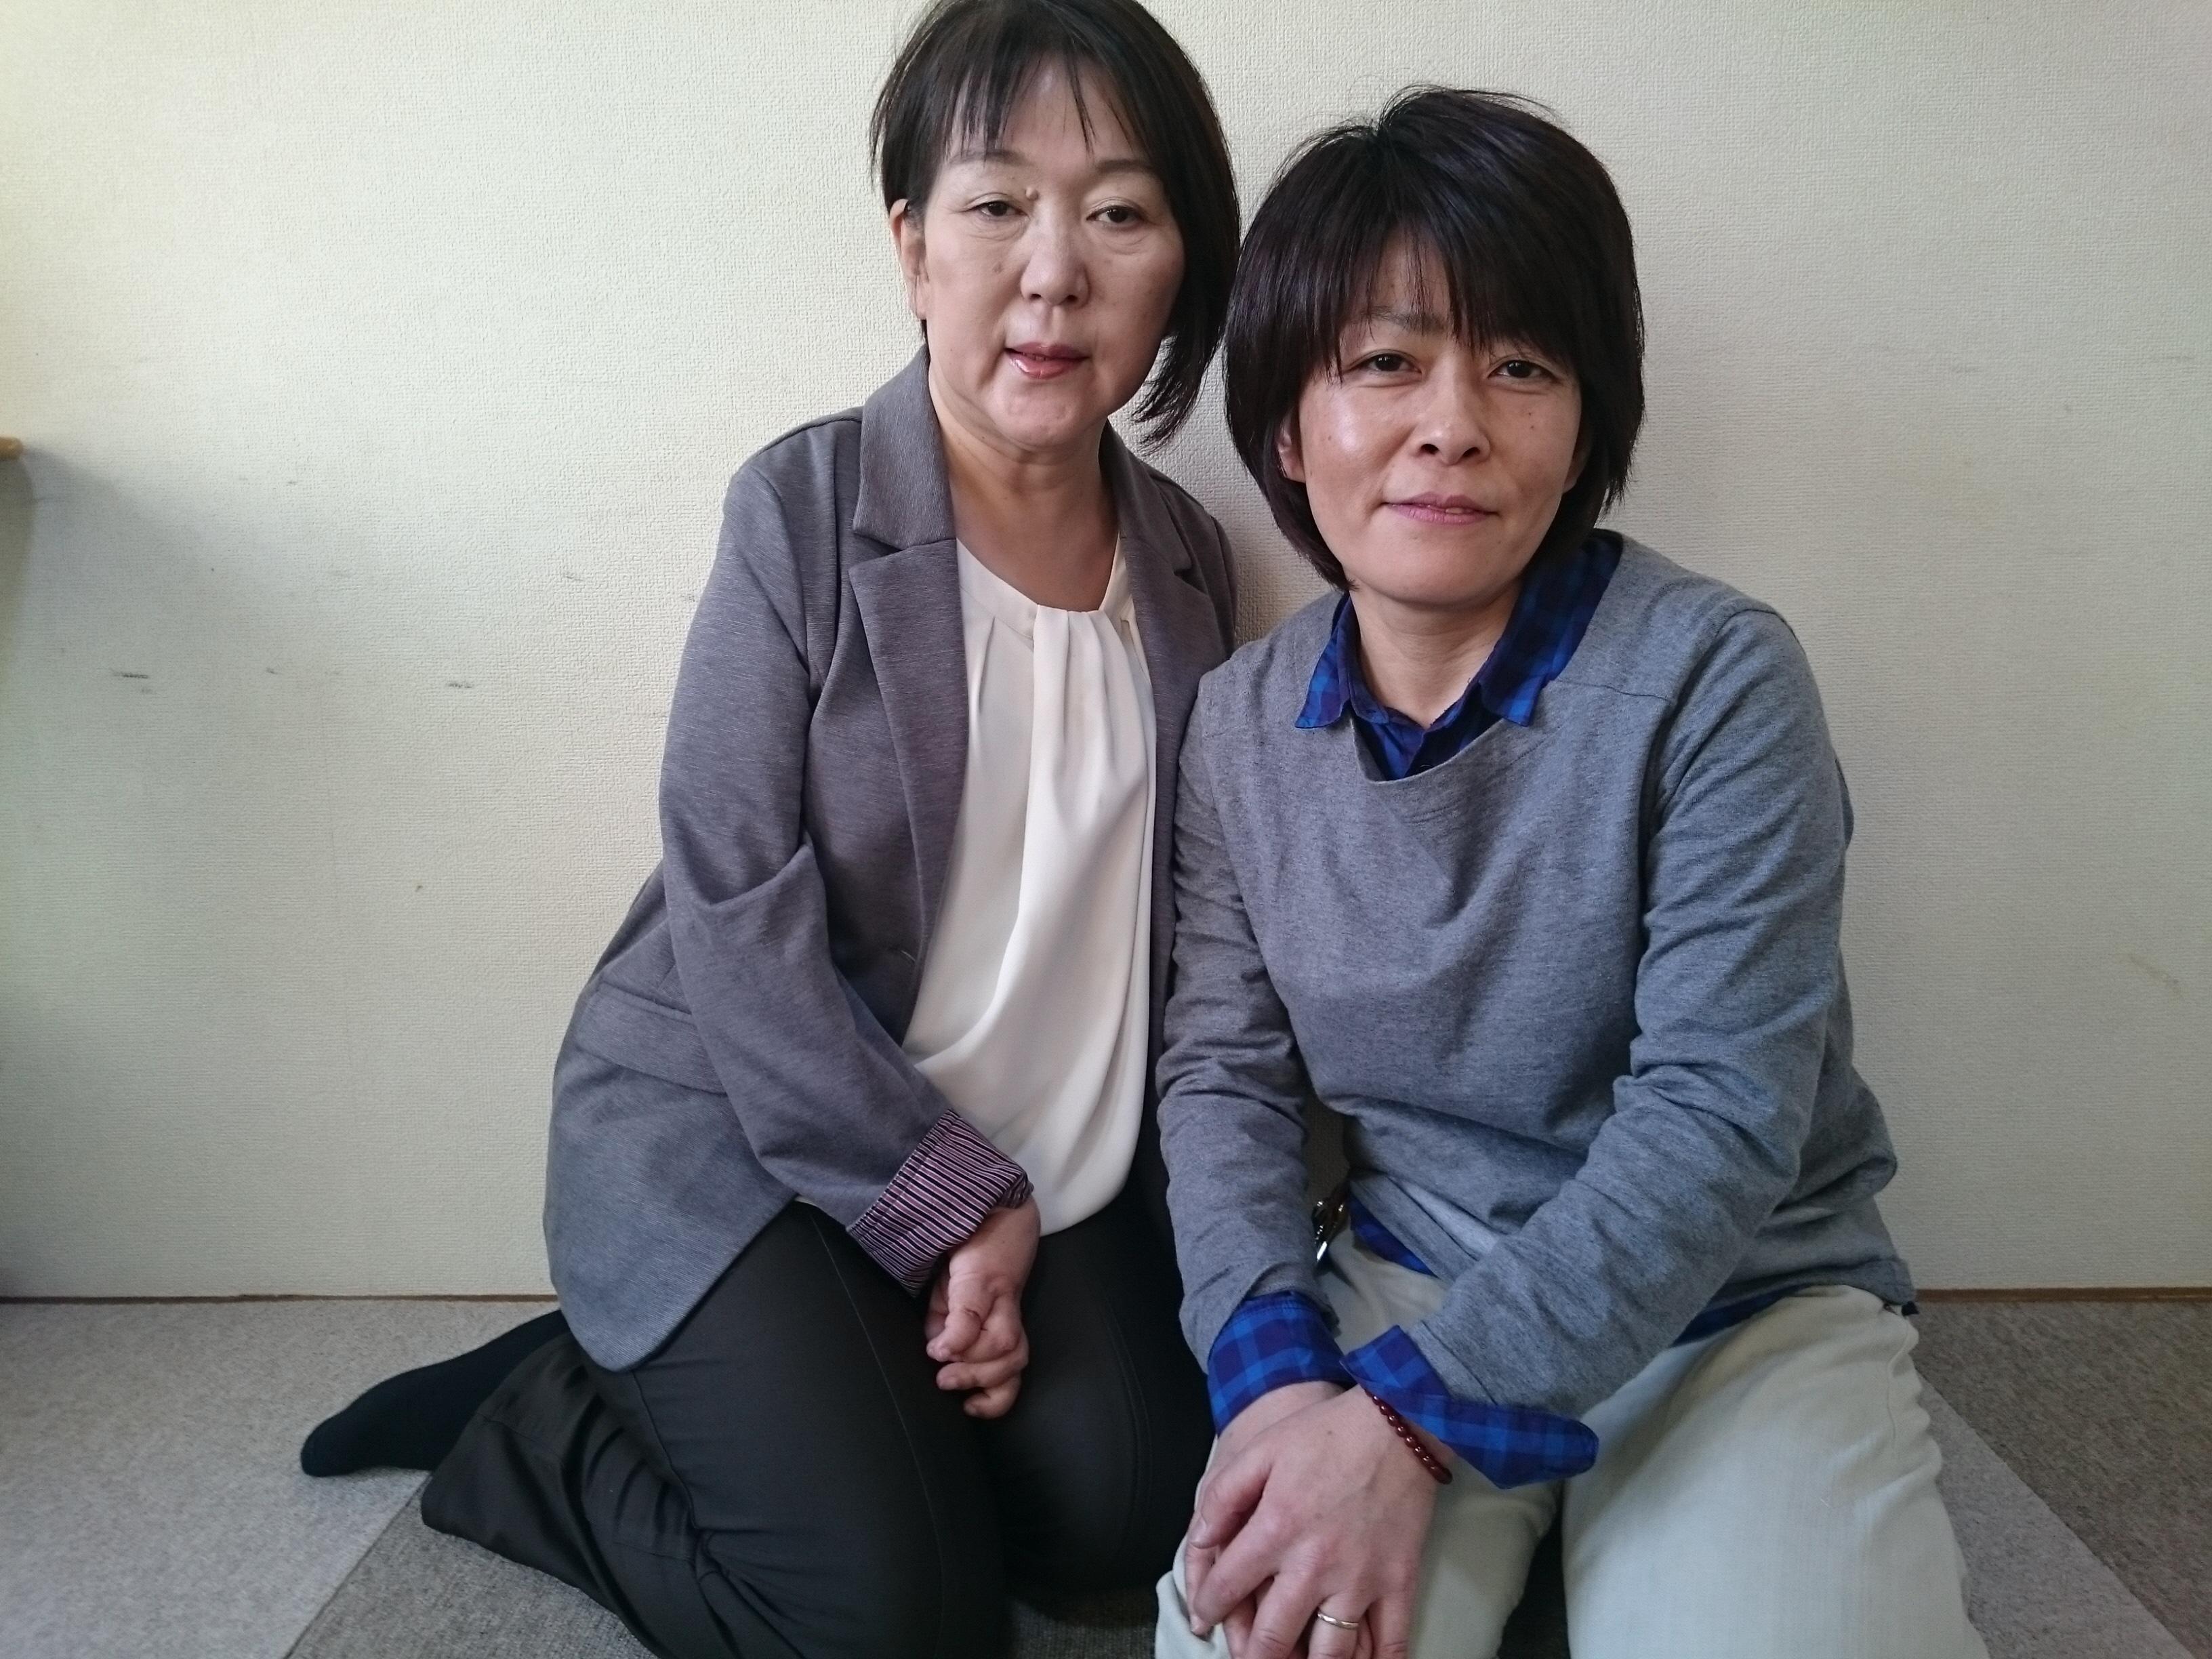 矢野 靖恵 さん【豊浦町】 | 北の女性★元気・活躍・応援サイト